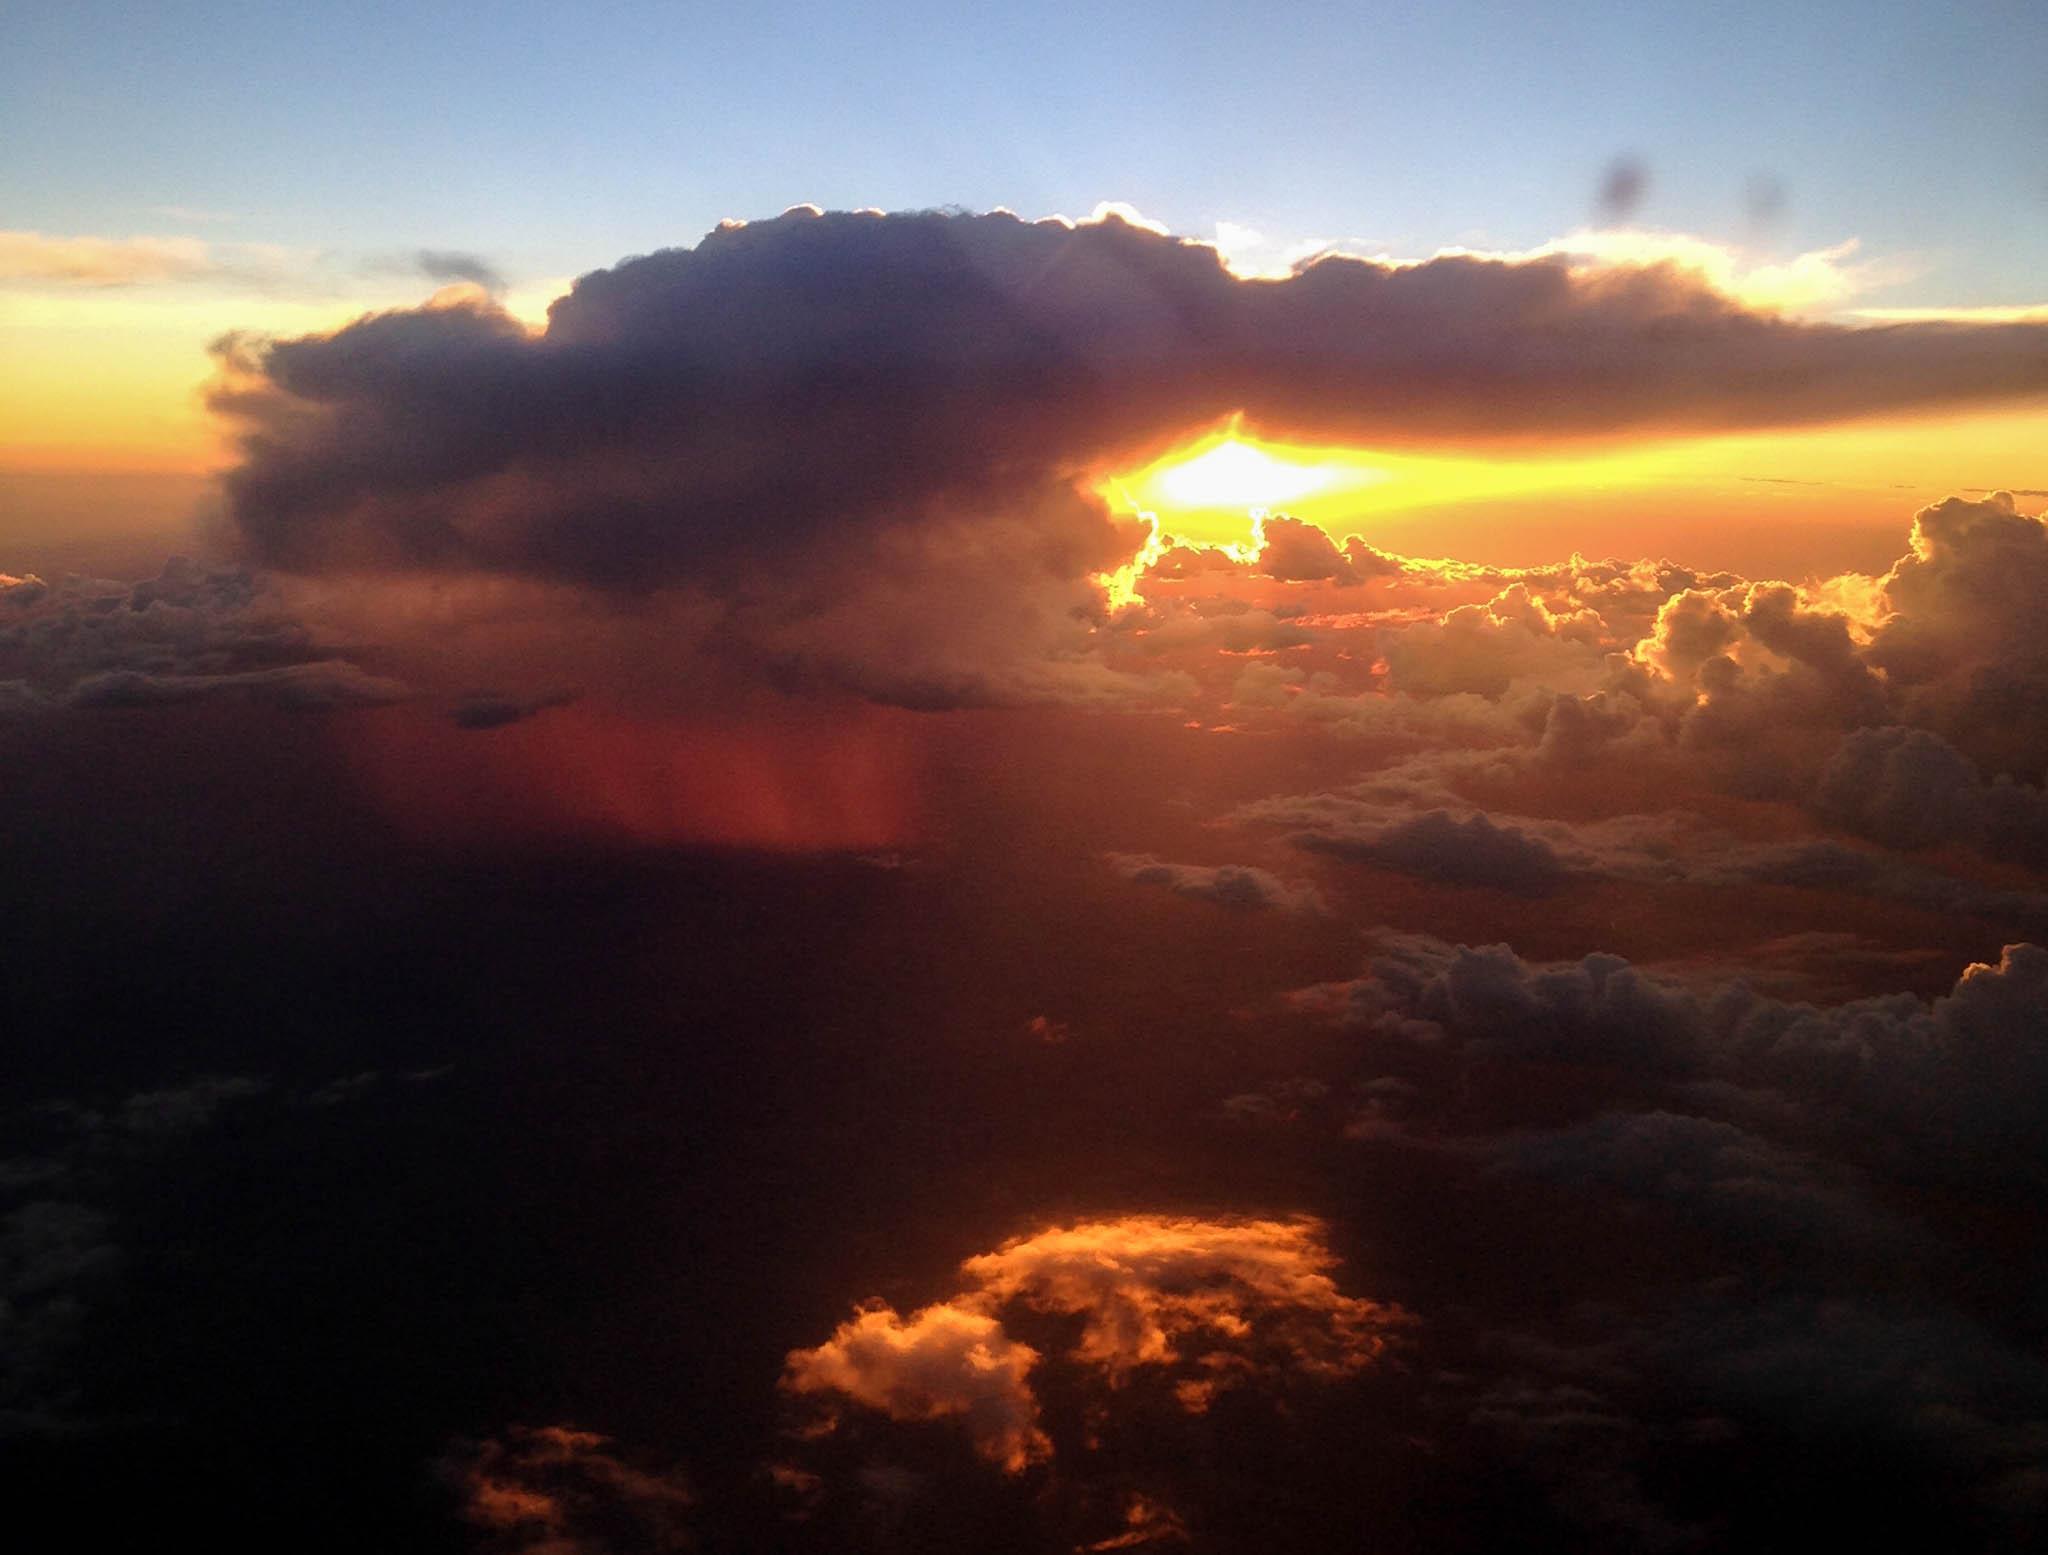 Sunset and rain, Albuquerque, NM